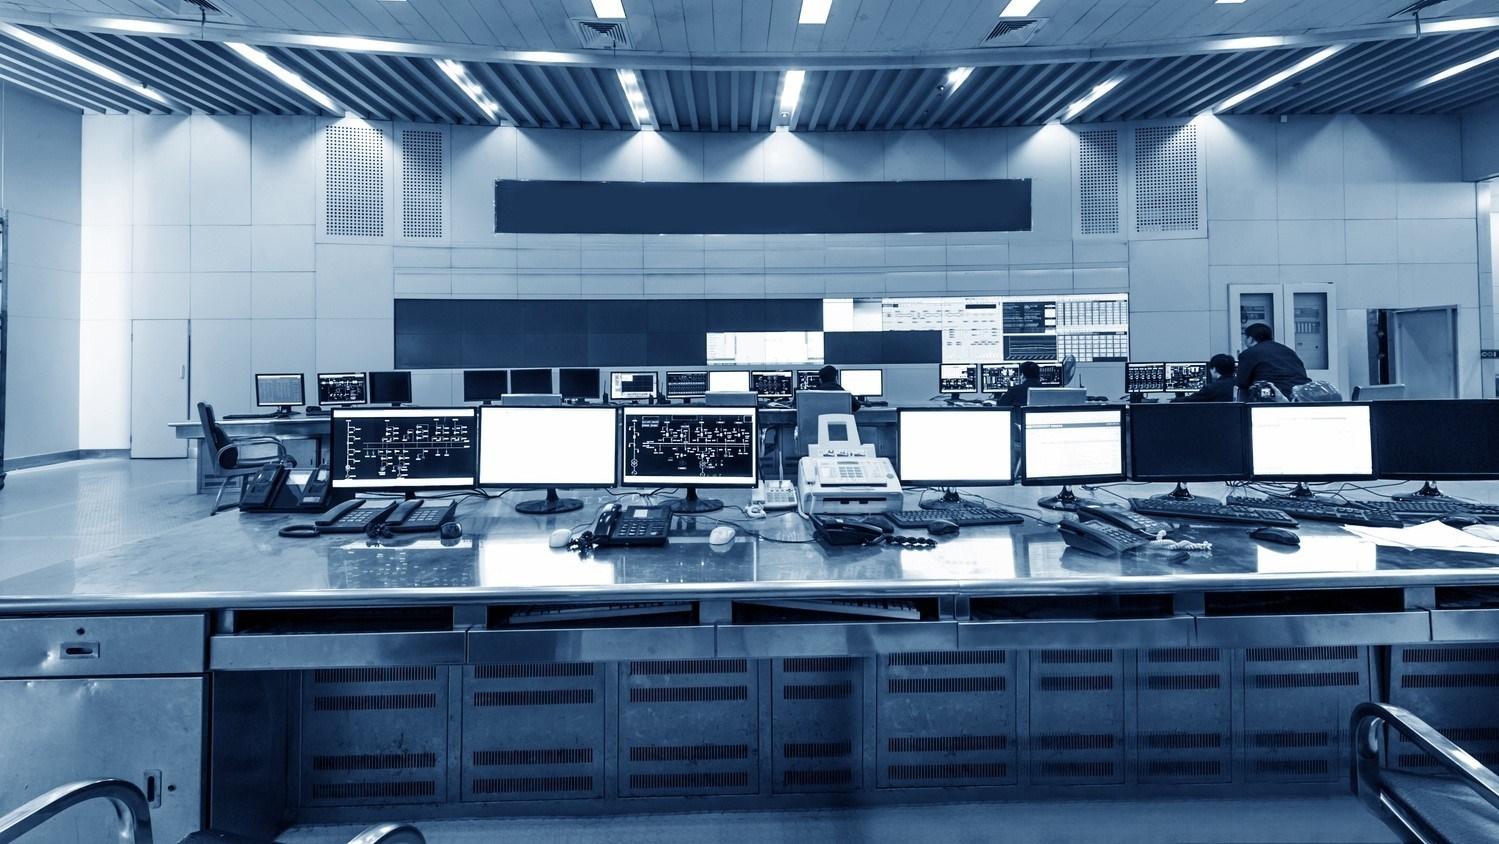 monochrome-command-control-center